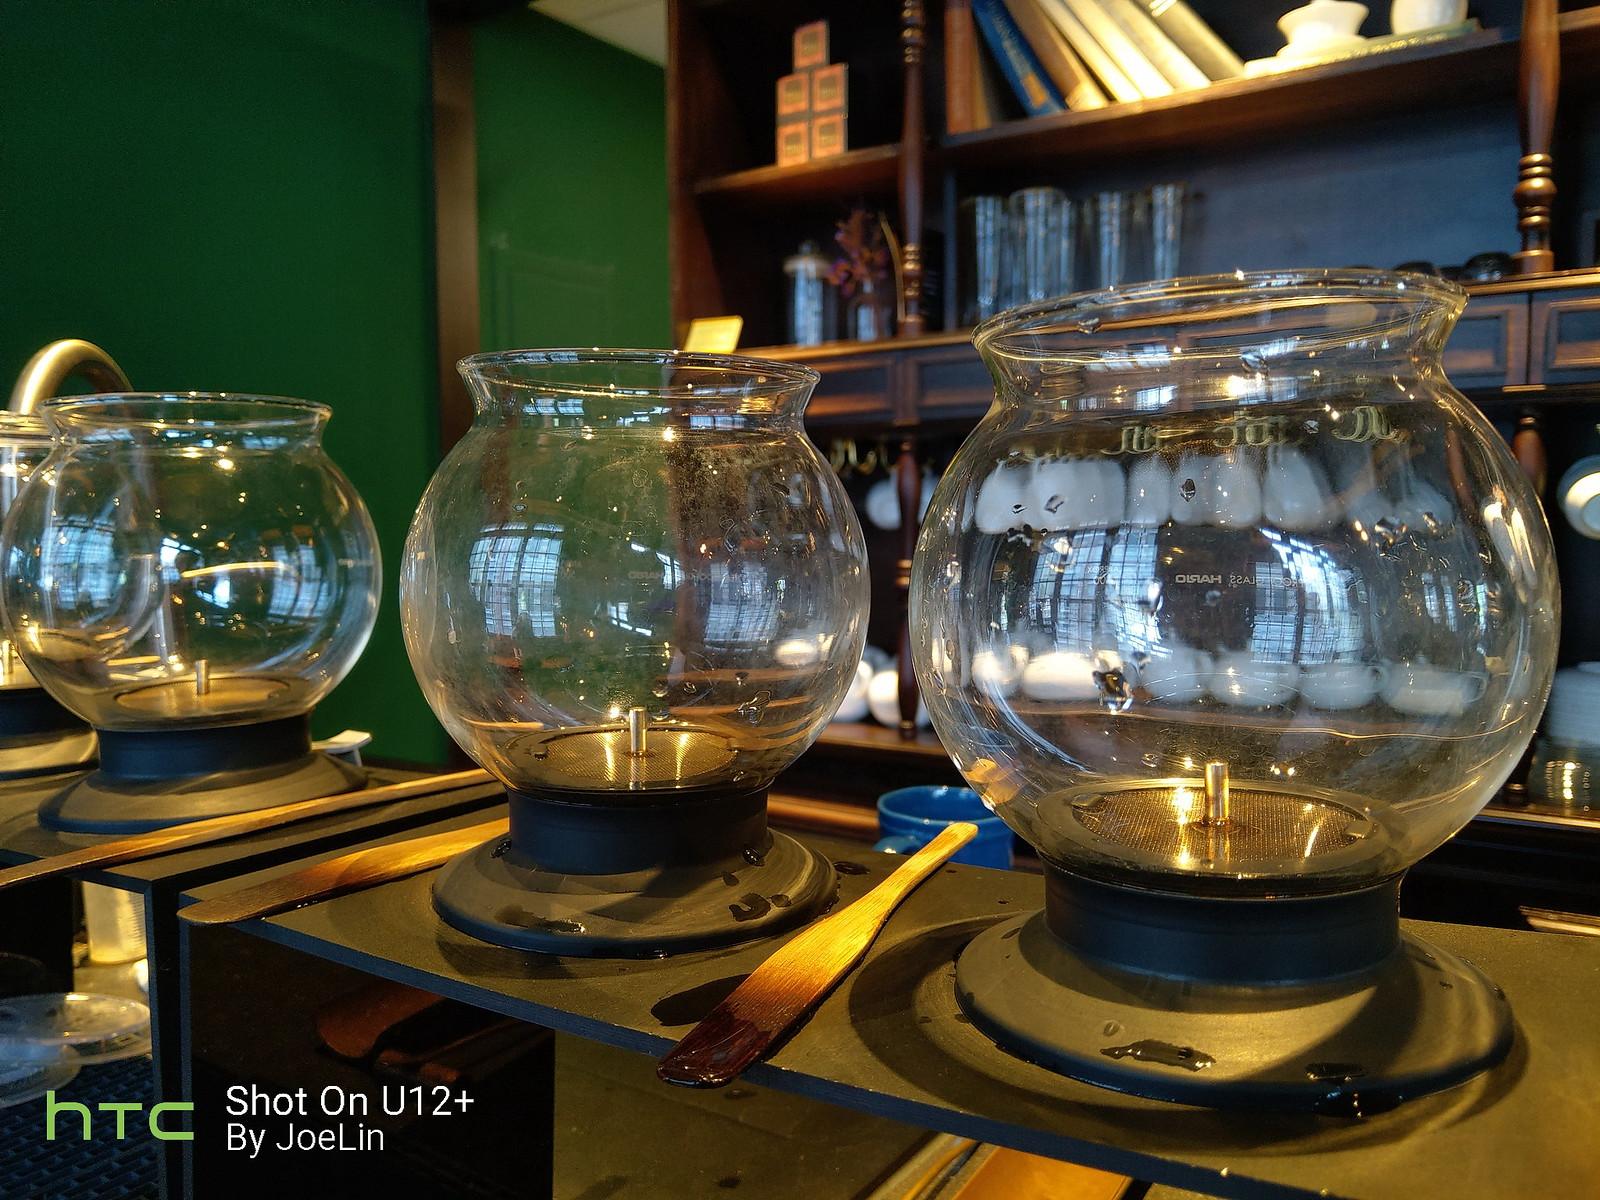 U12+ 入手滿三個月攝影圖集 - 25